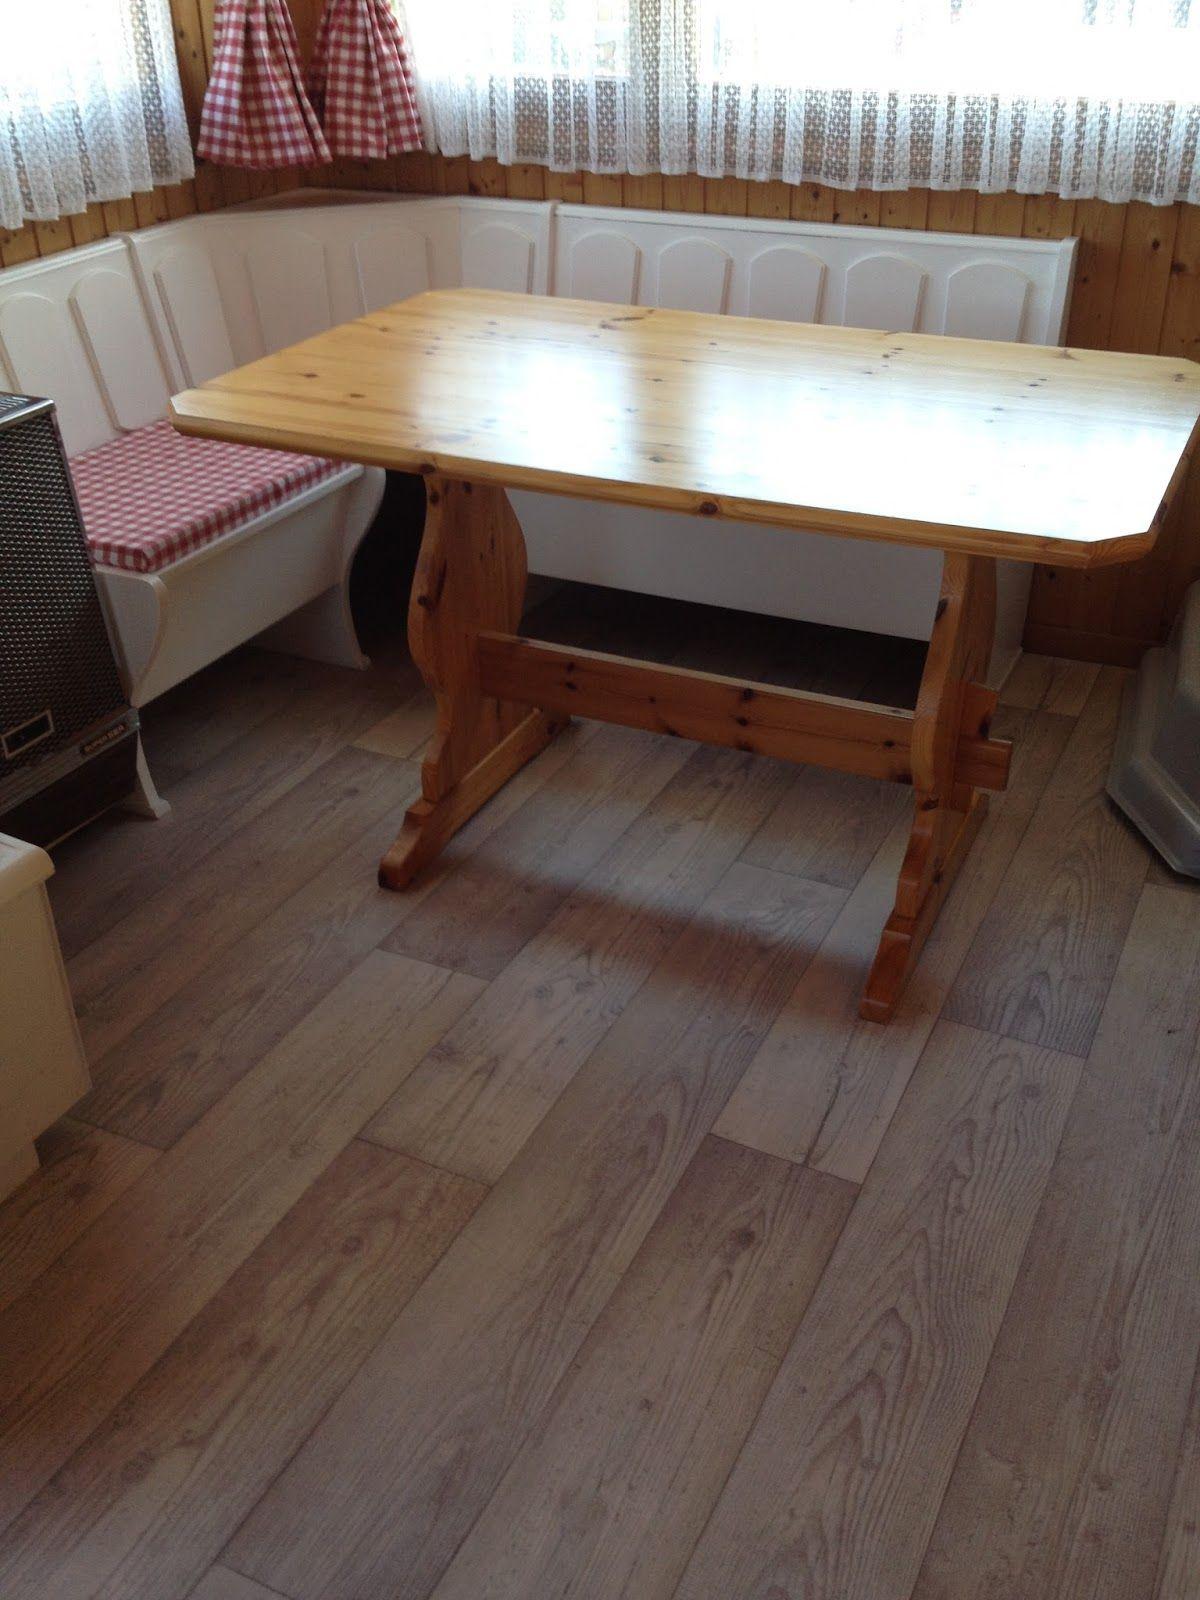 eckbank lackieren und sitzbank kissen neu beziehen mimi pinterest. Black Bedroom Furniture Sets. Home Design Ideas